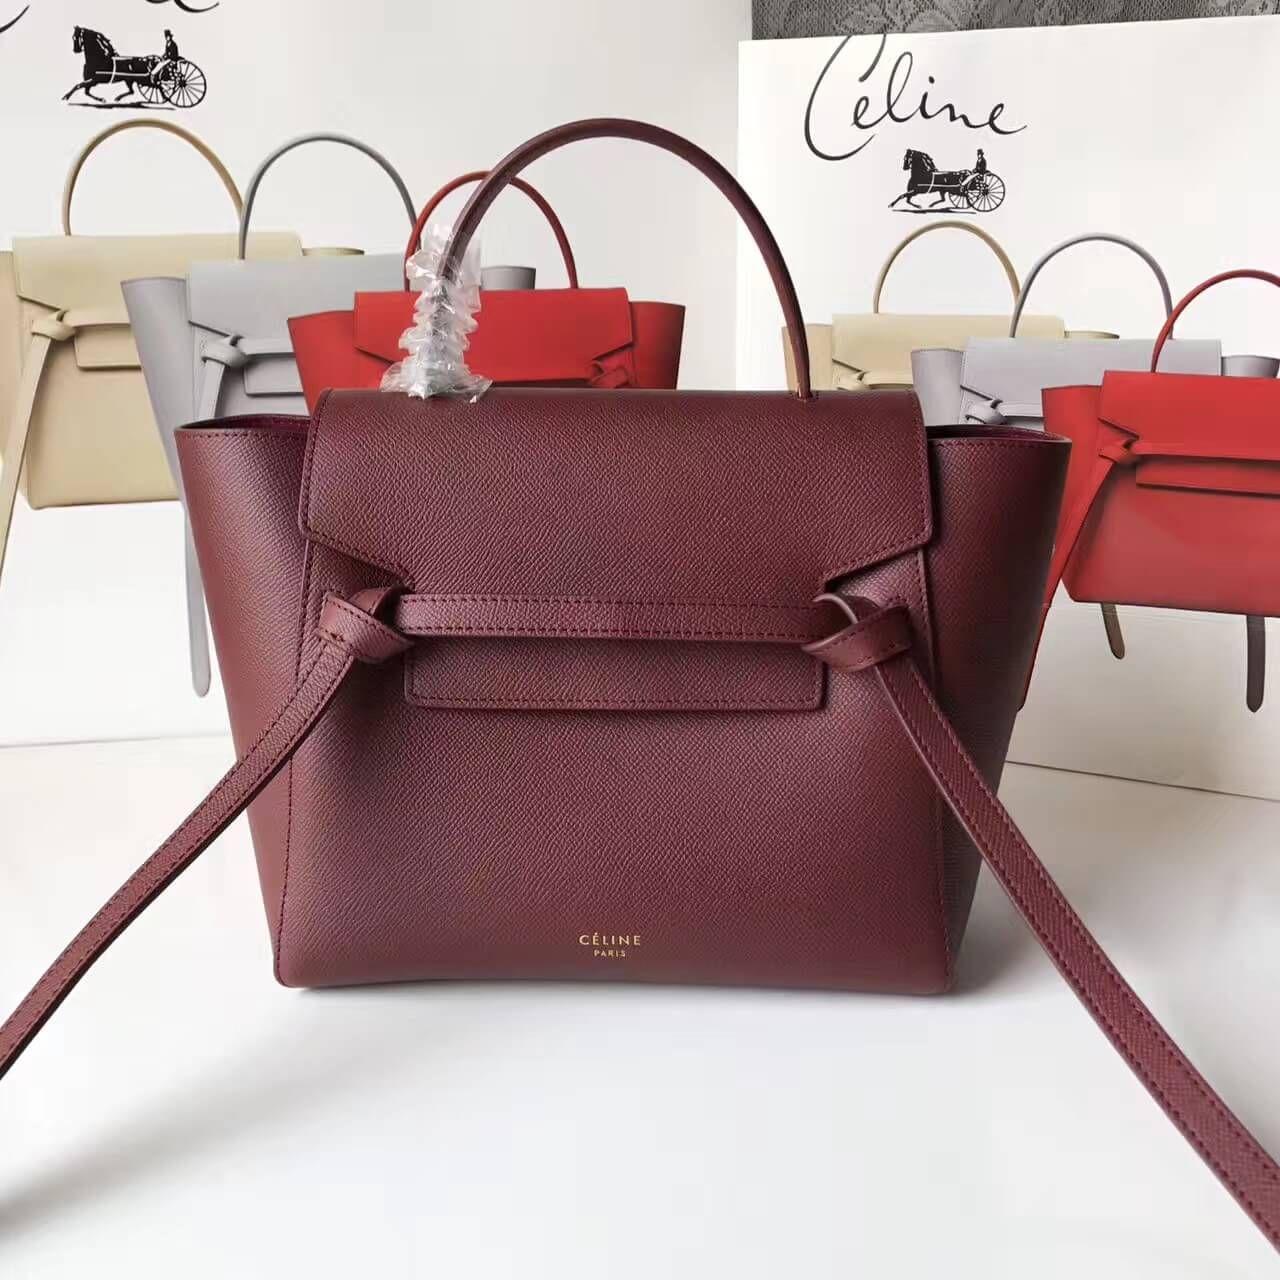 Celine Micro Belt Handbag 100% Authentic 80% Off  b6de4dcb5476a